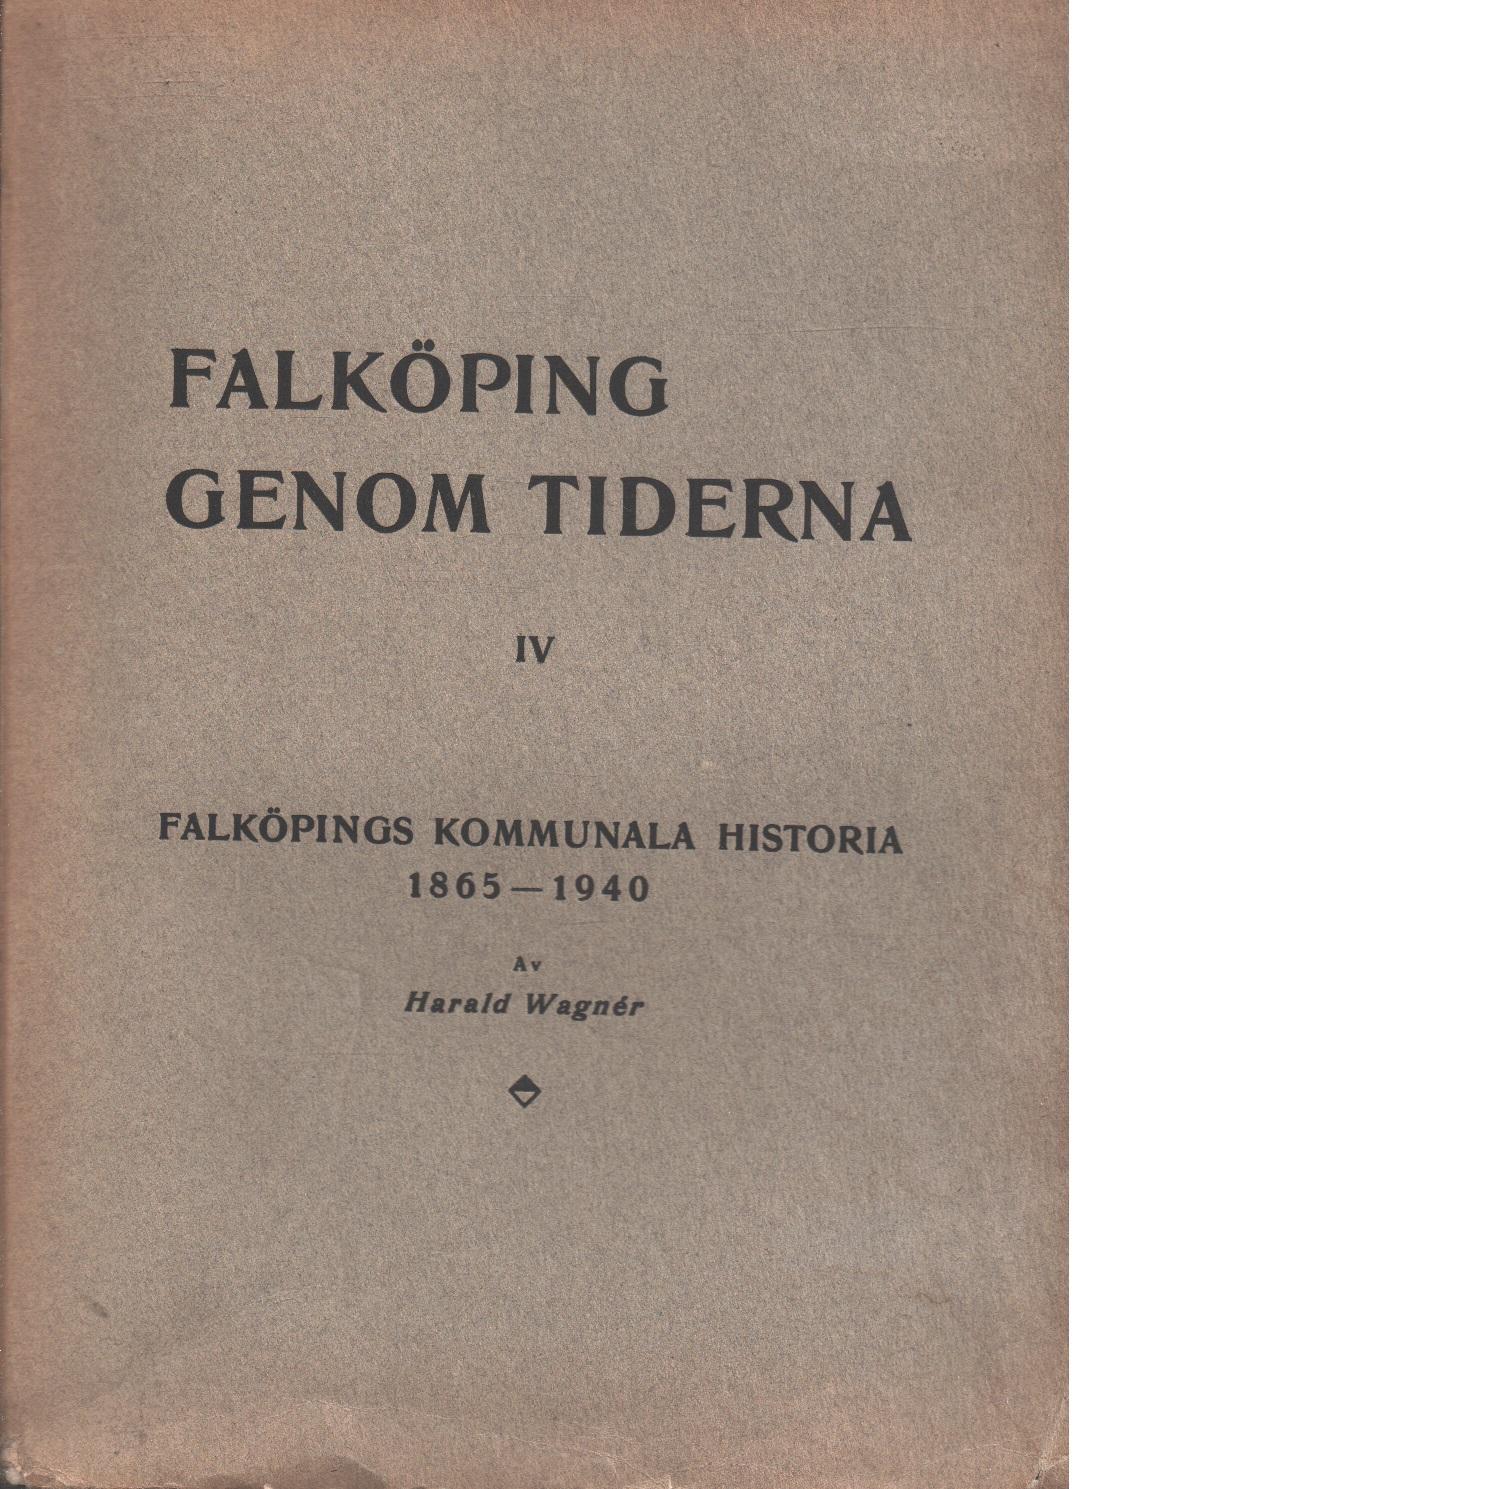 Falköping genom tiderna 4 Falköpings kommunala historia : 1865-1940 - Wagnér, Harald